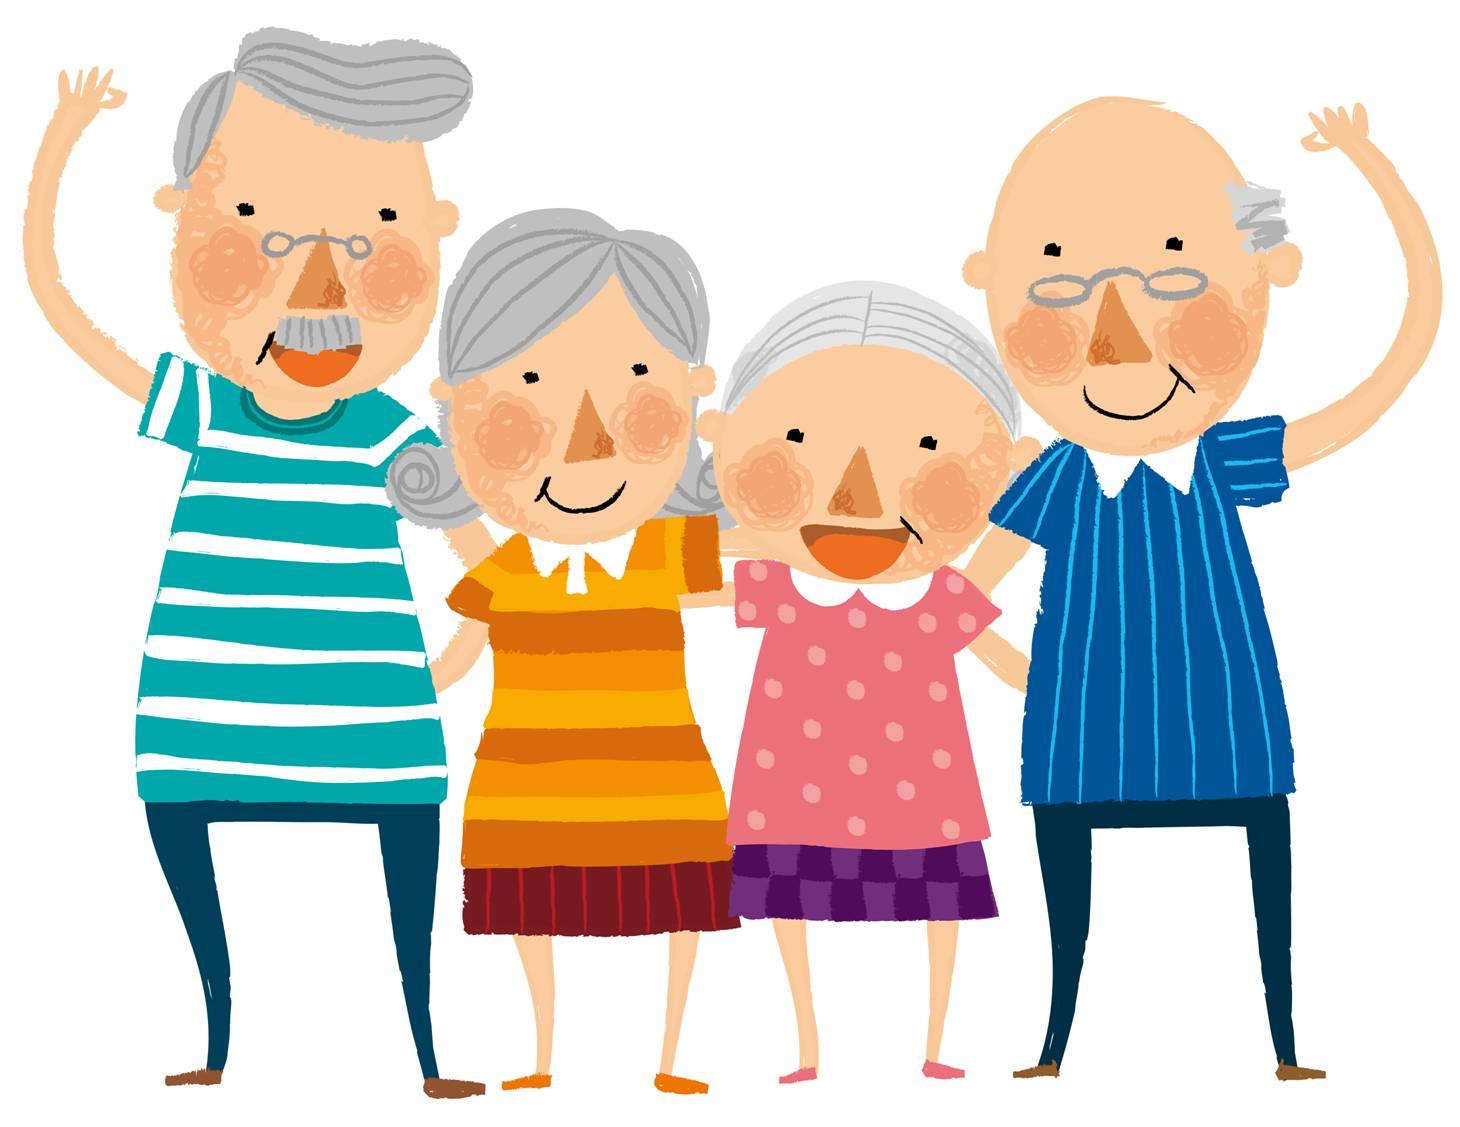 노년기 친구관계는 어떻게 유지해야 할까?